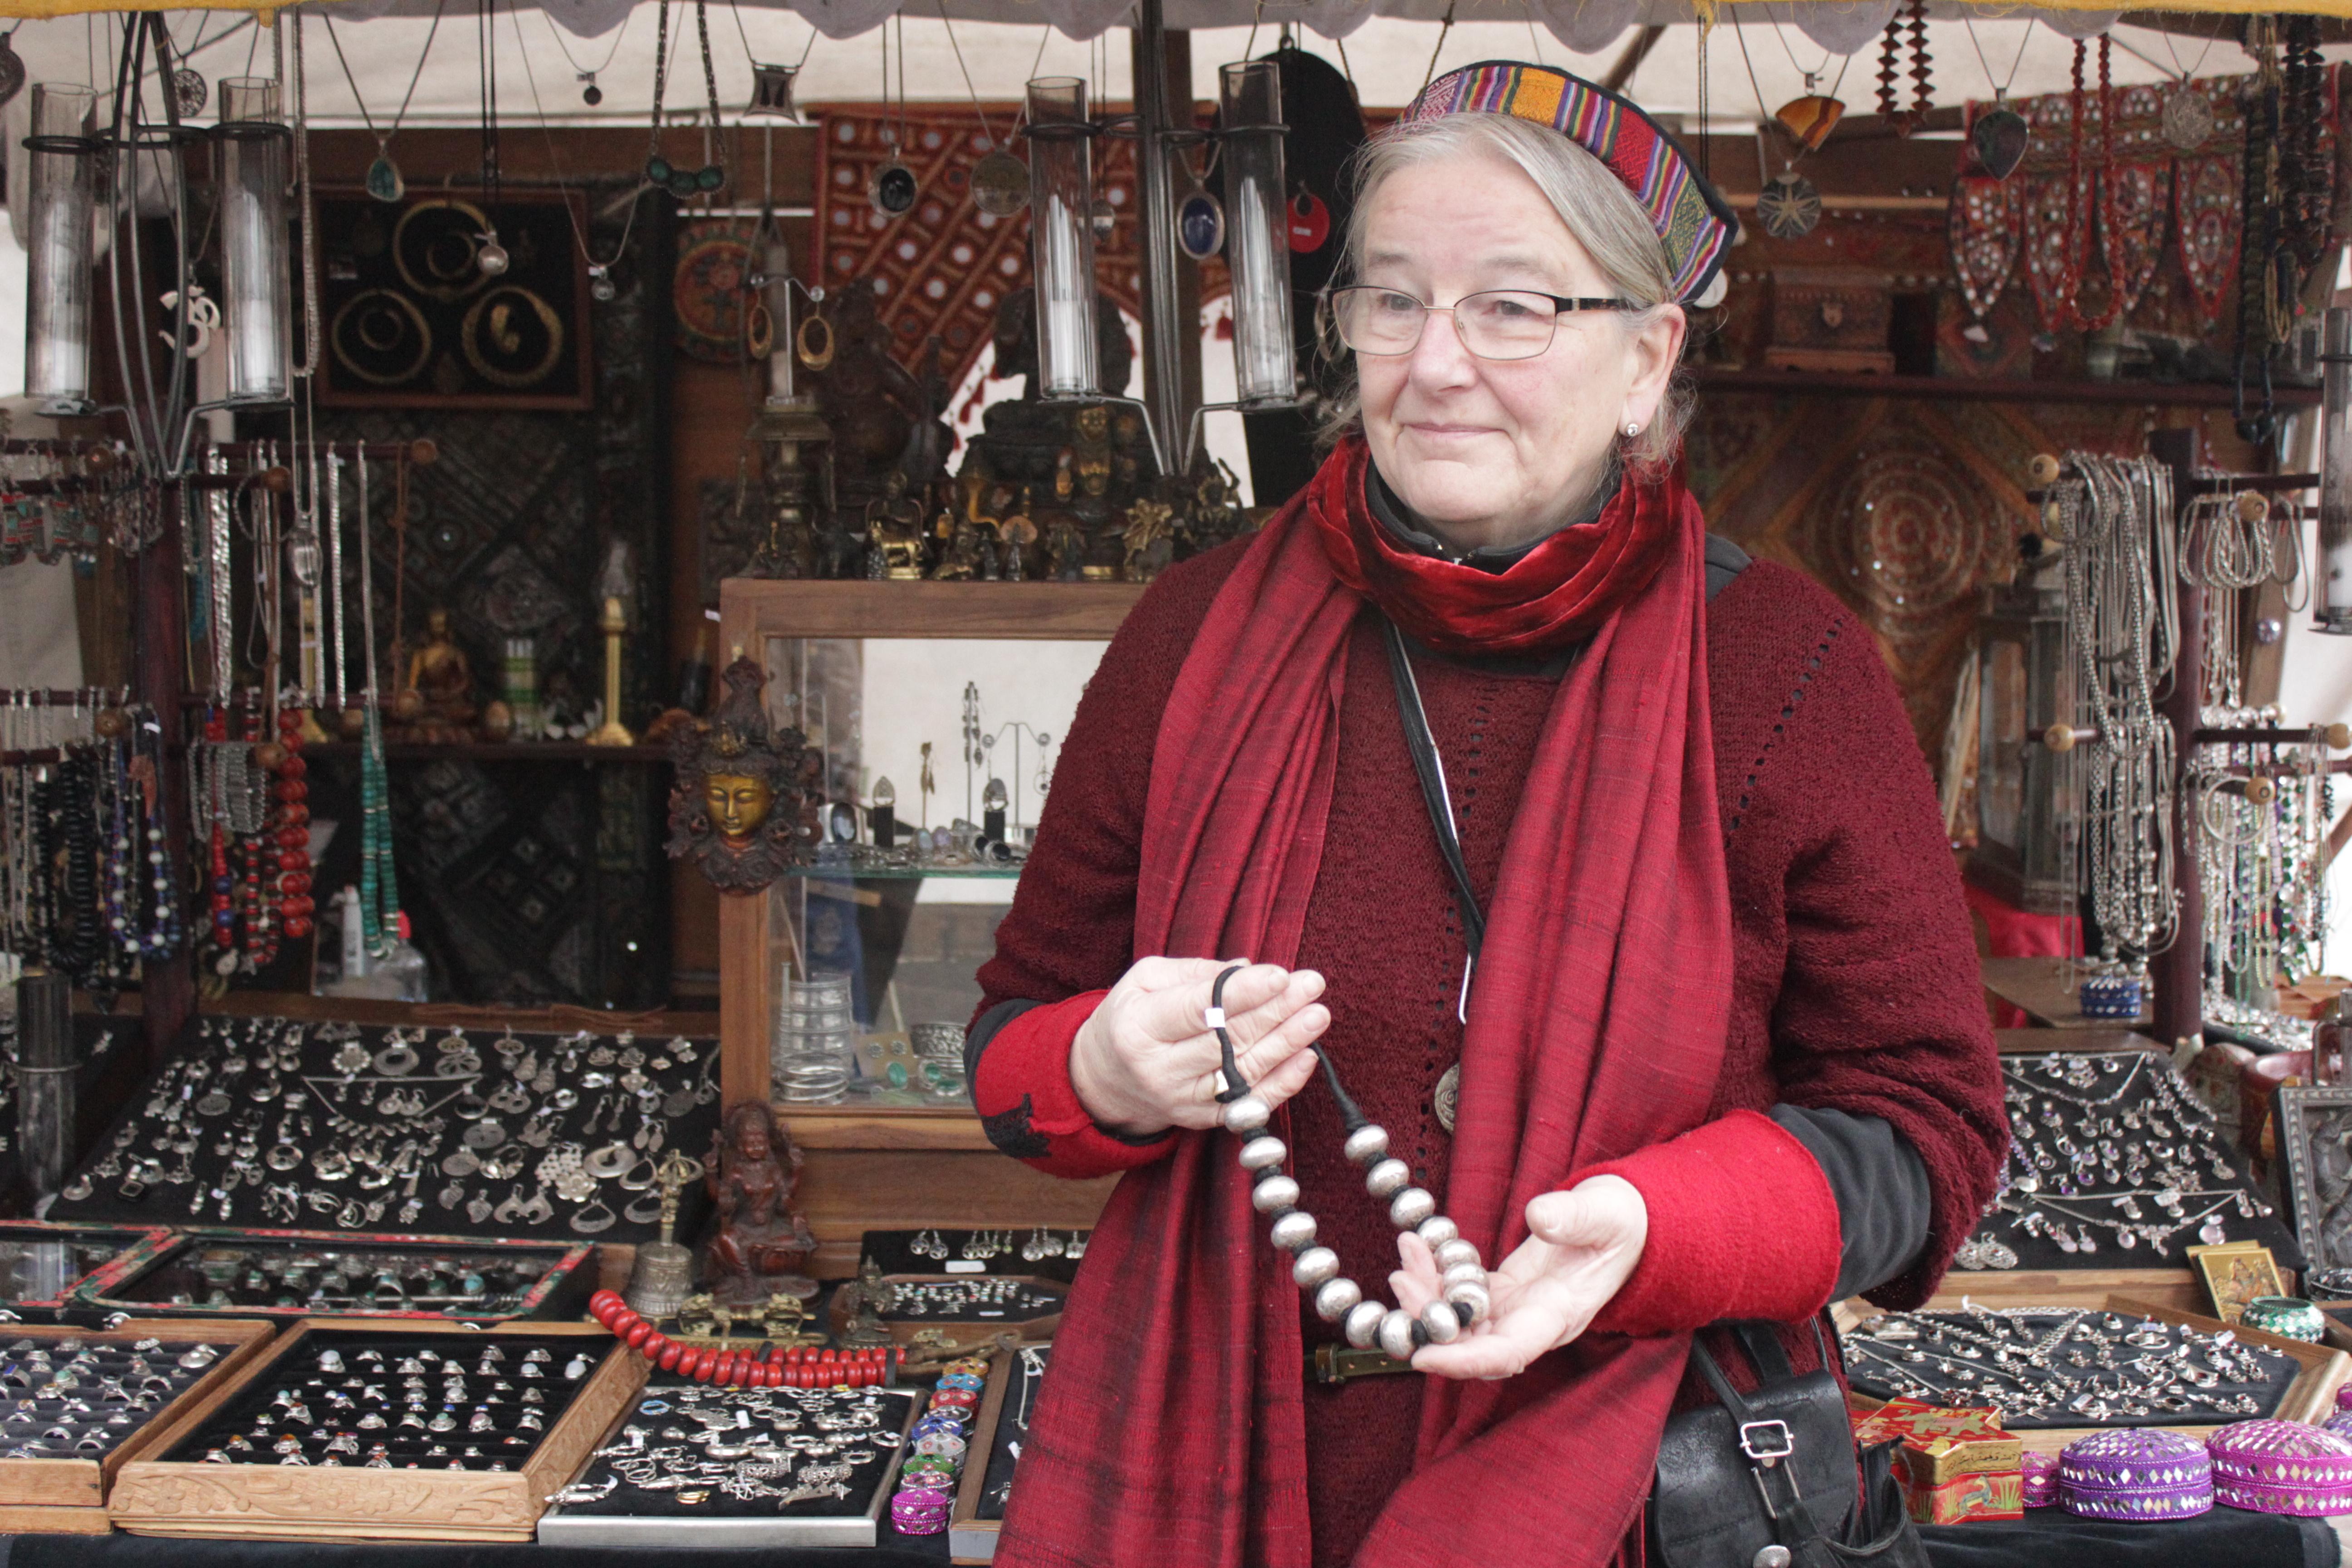 Schmuckhändlerin zeigt eine selbstgemachte Kette vor Ihrem Stand